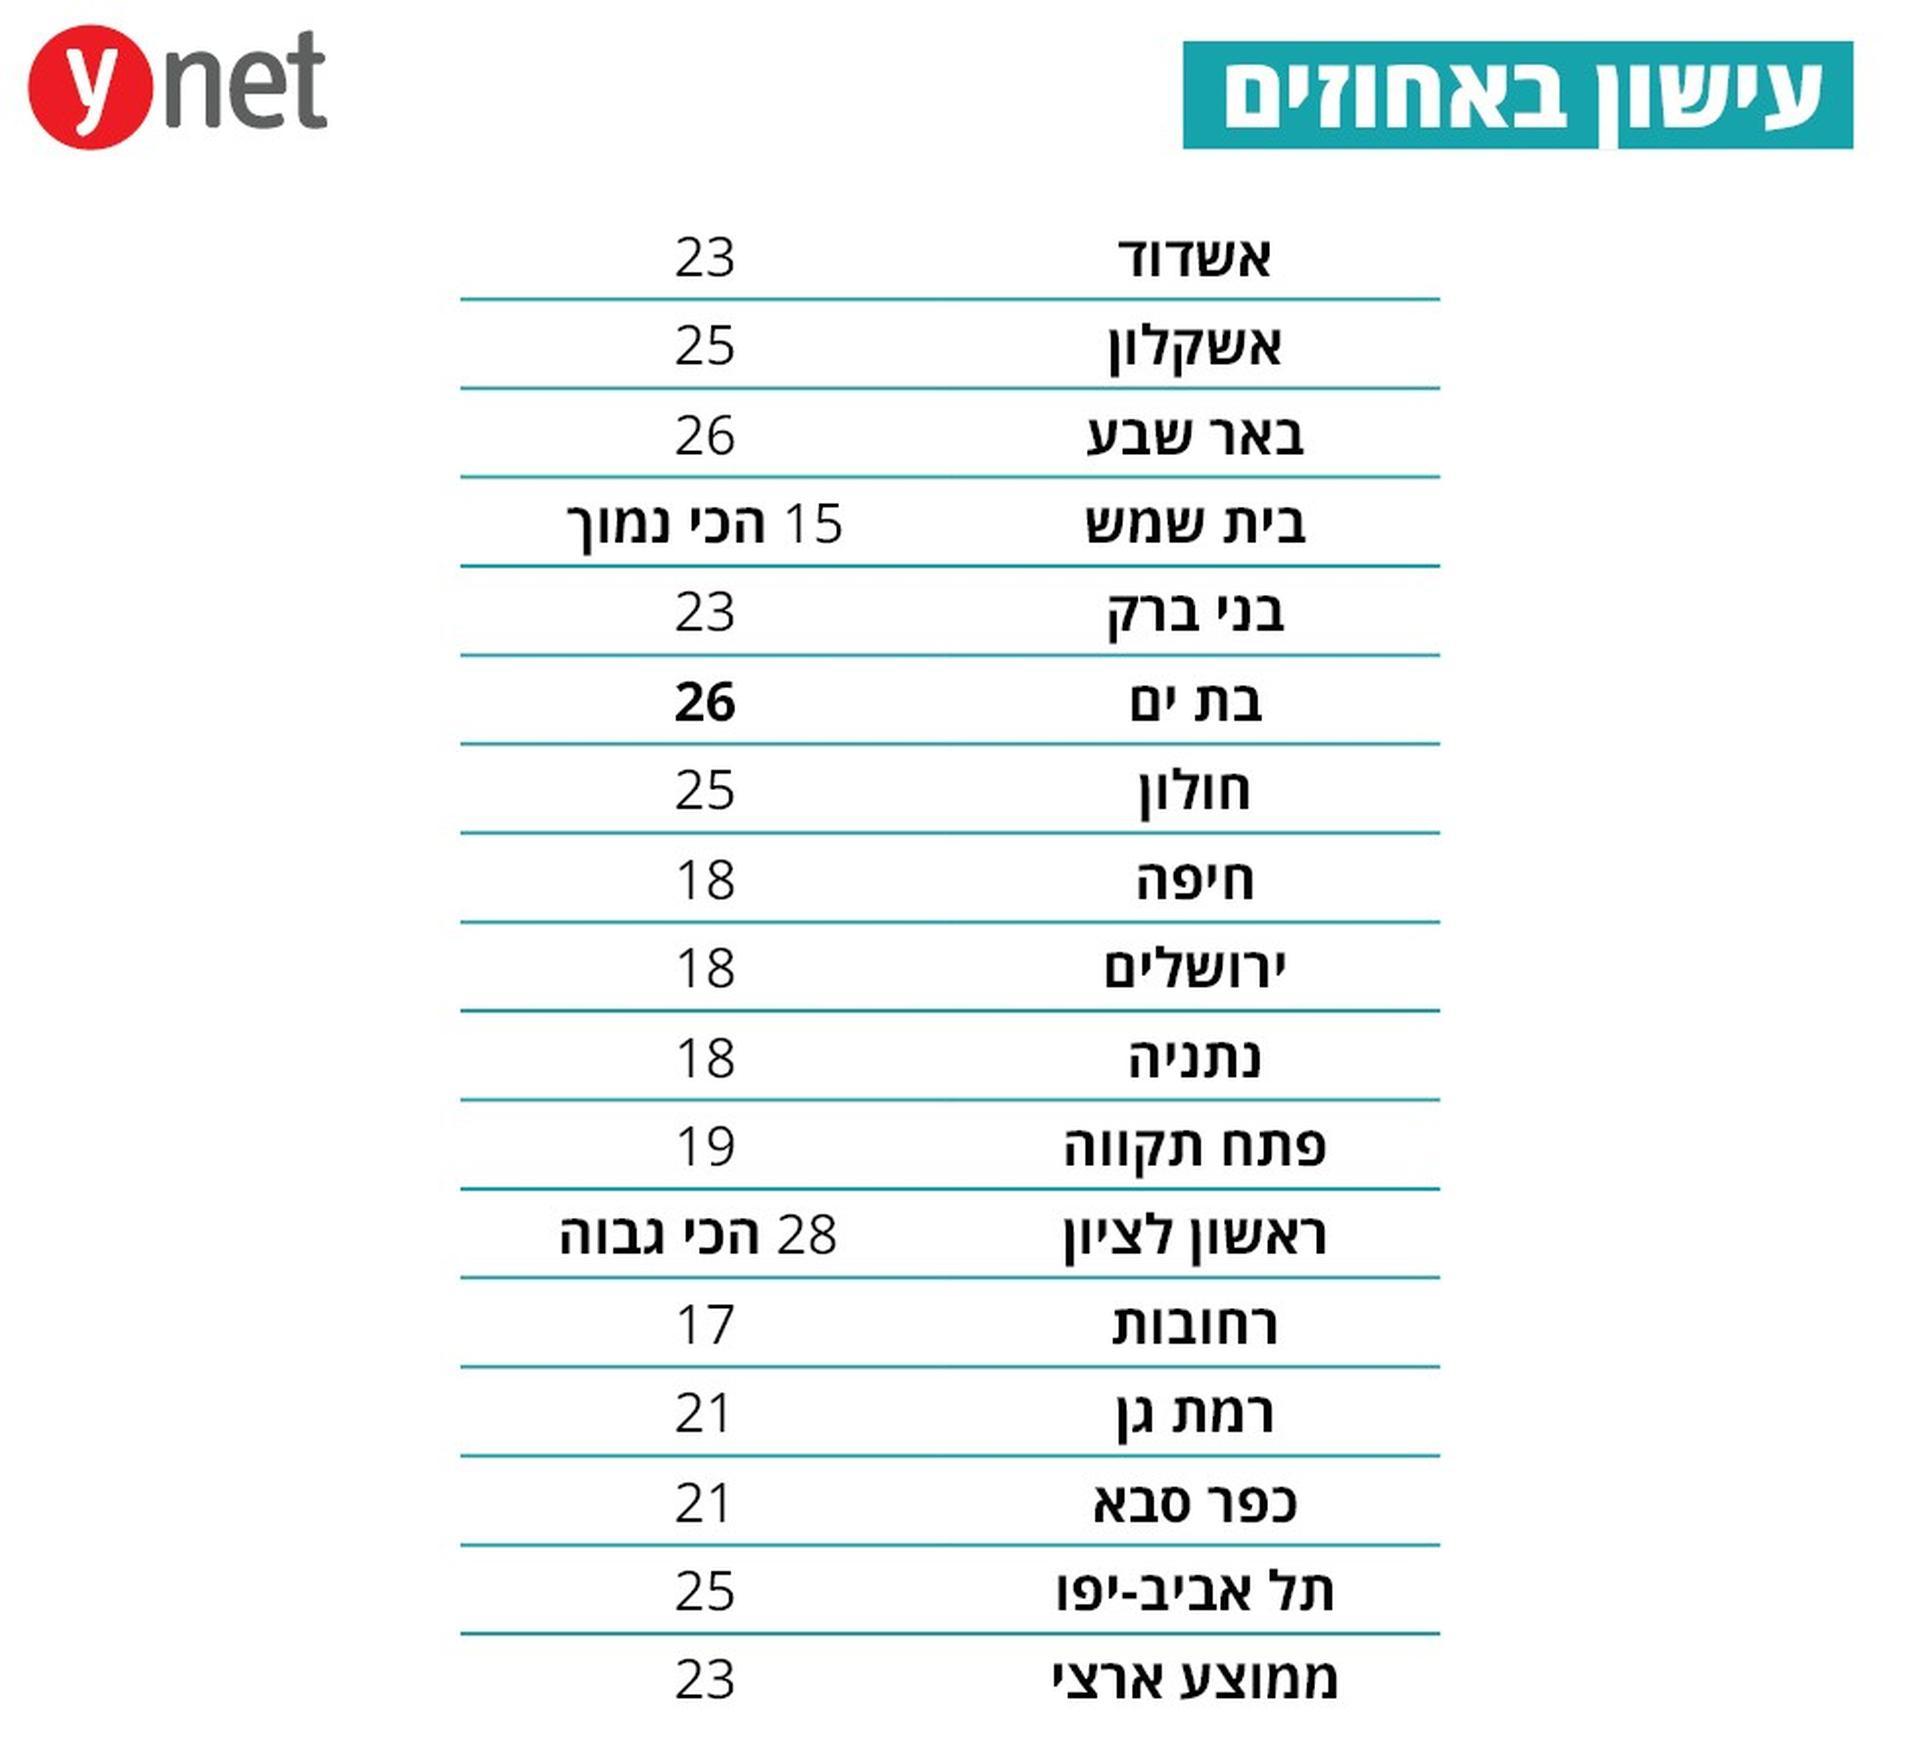 נתוני העישון - יש איפה להשתפר | נתונים מתוך ynet